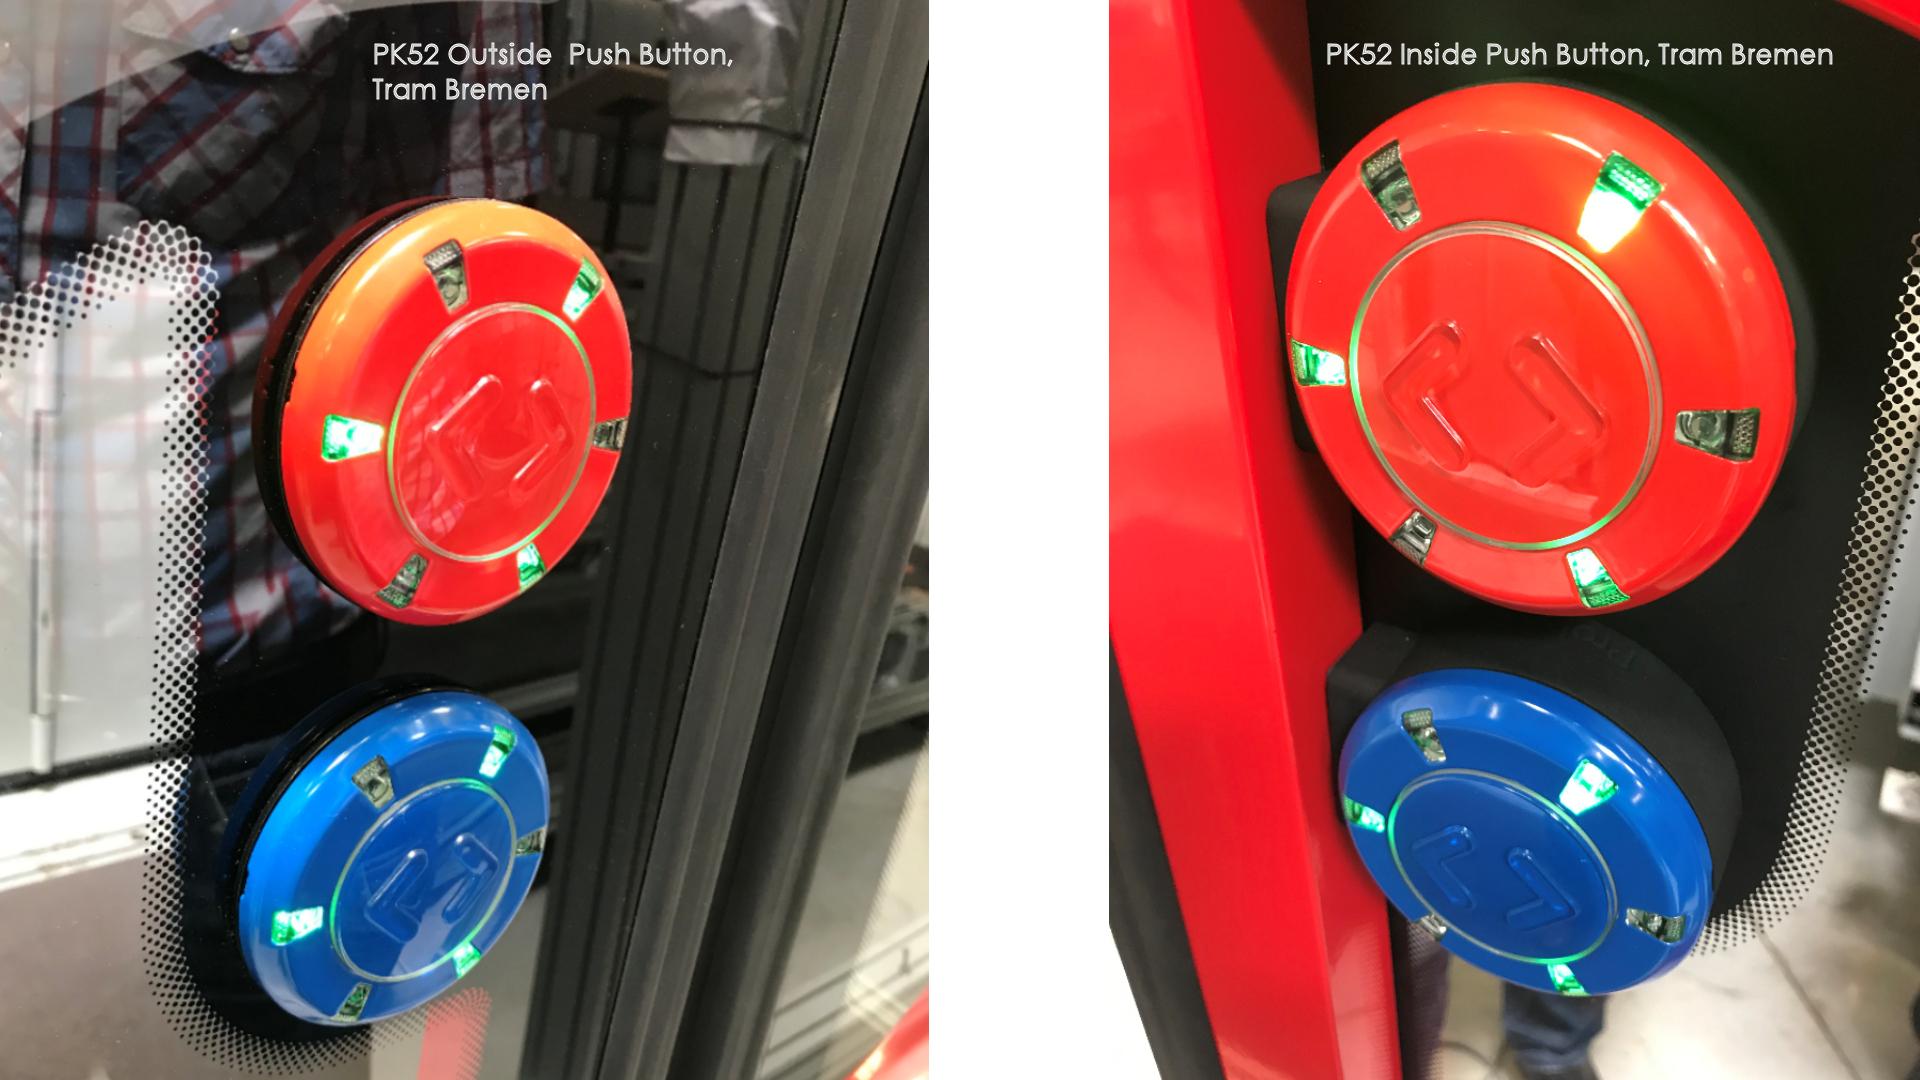 PK52 Push Button Tram in Bremen